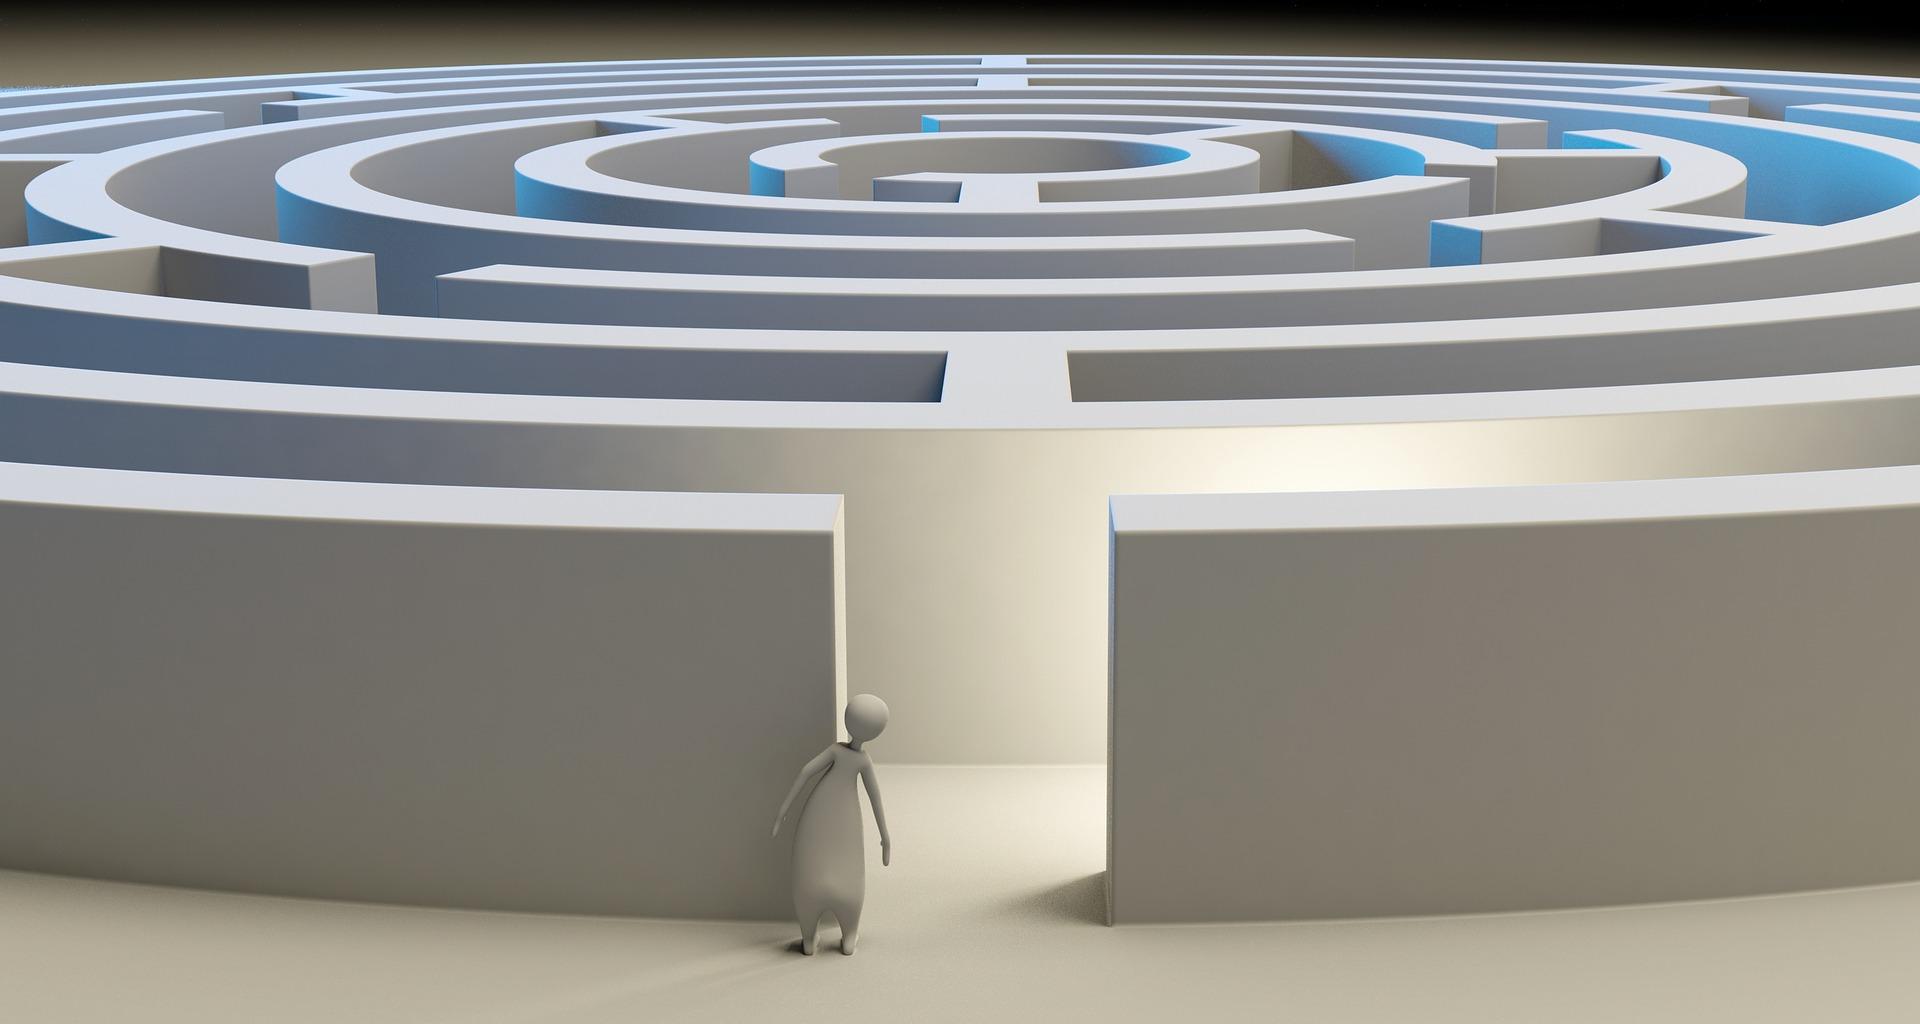 ¿Qué es la gestión de riesgos? Una guía sencilla para principiantes de Project Mgmt